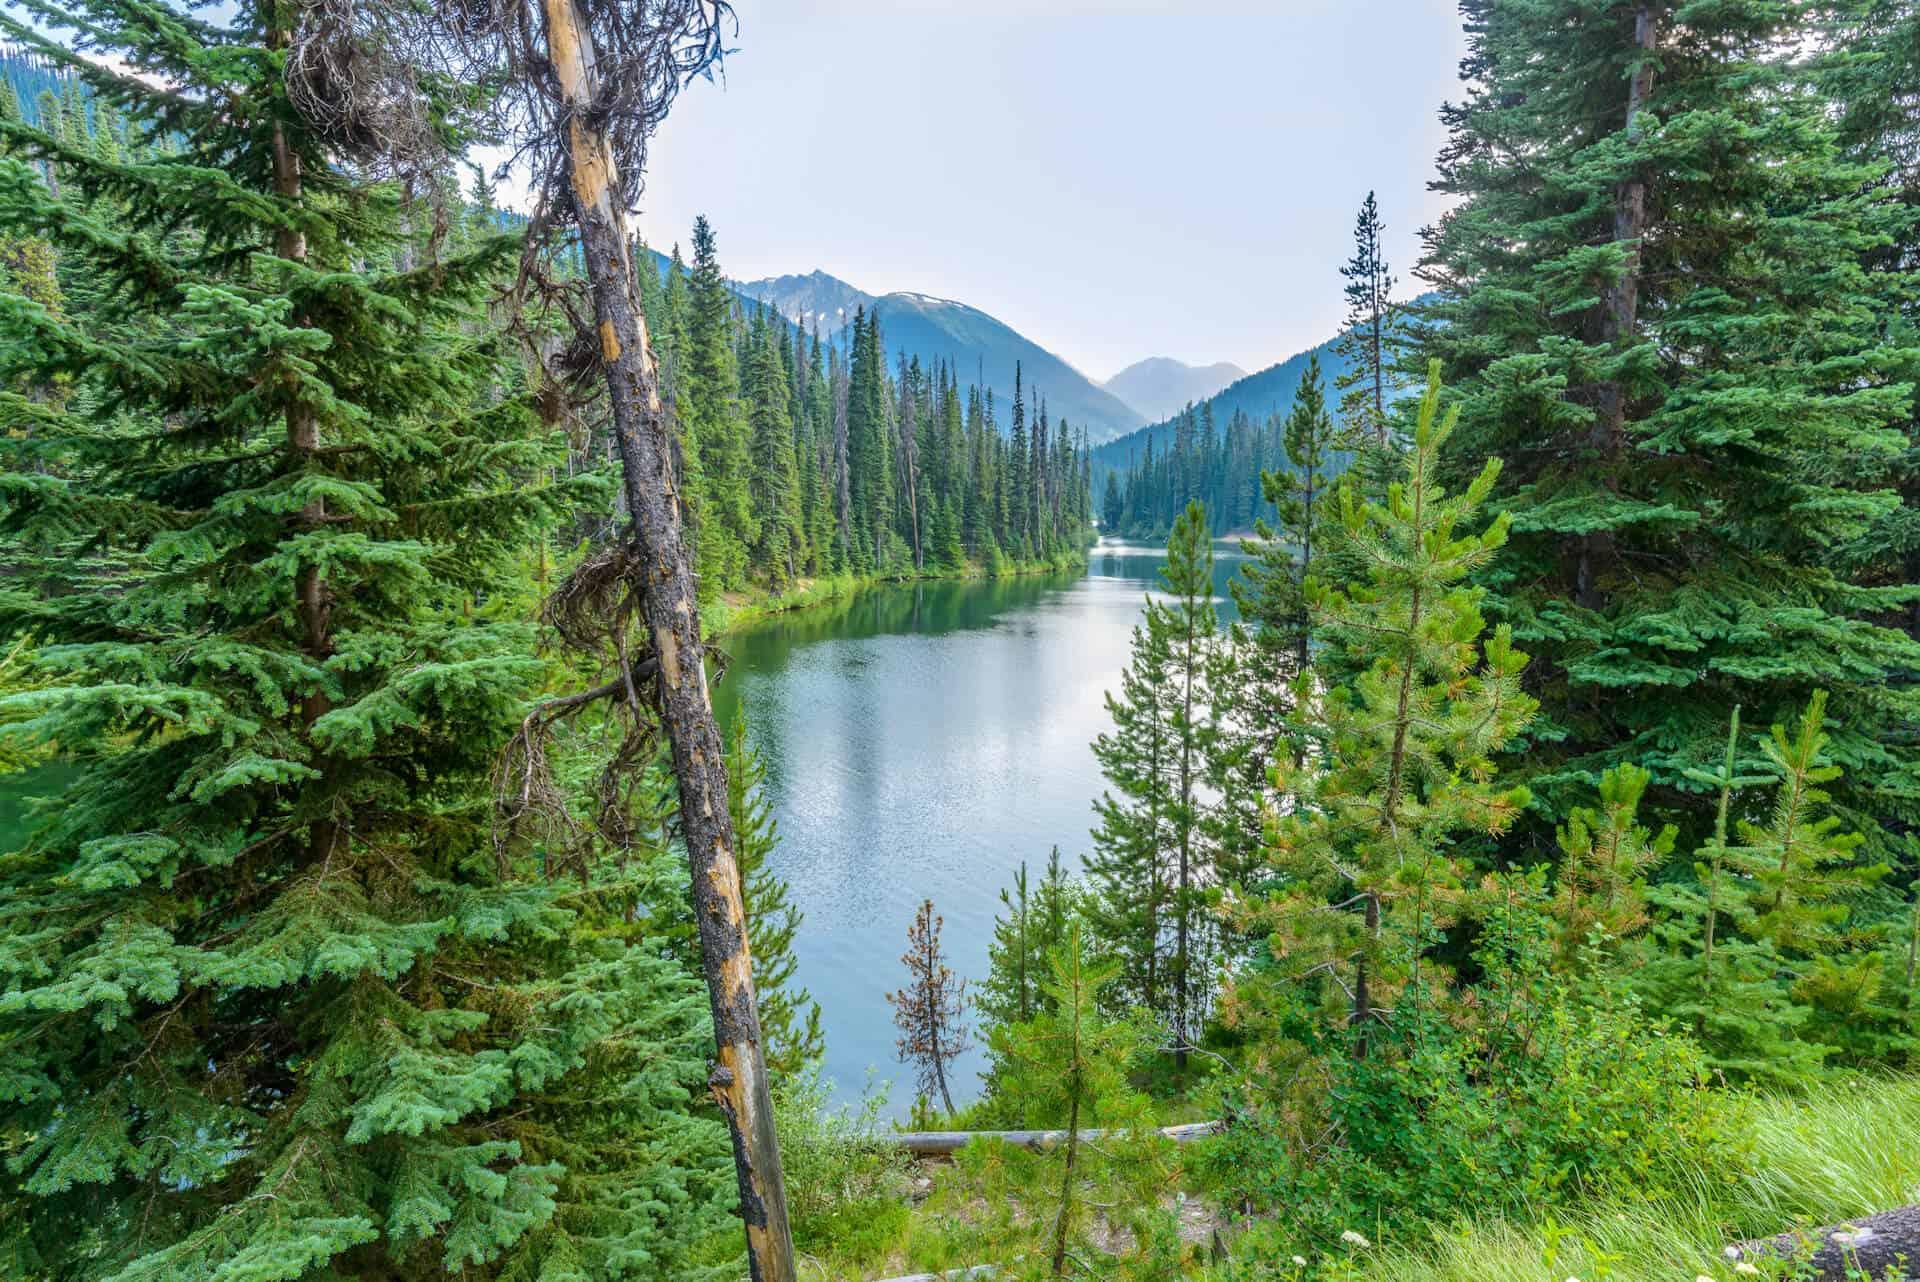 Krajobraz lasu, jeziora i drzew, gospodarka leśna